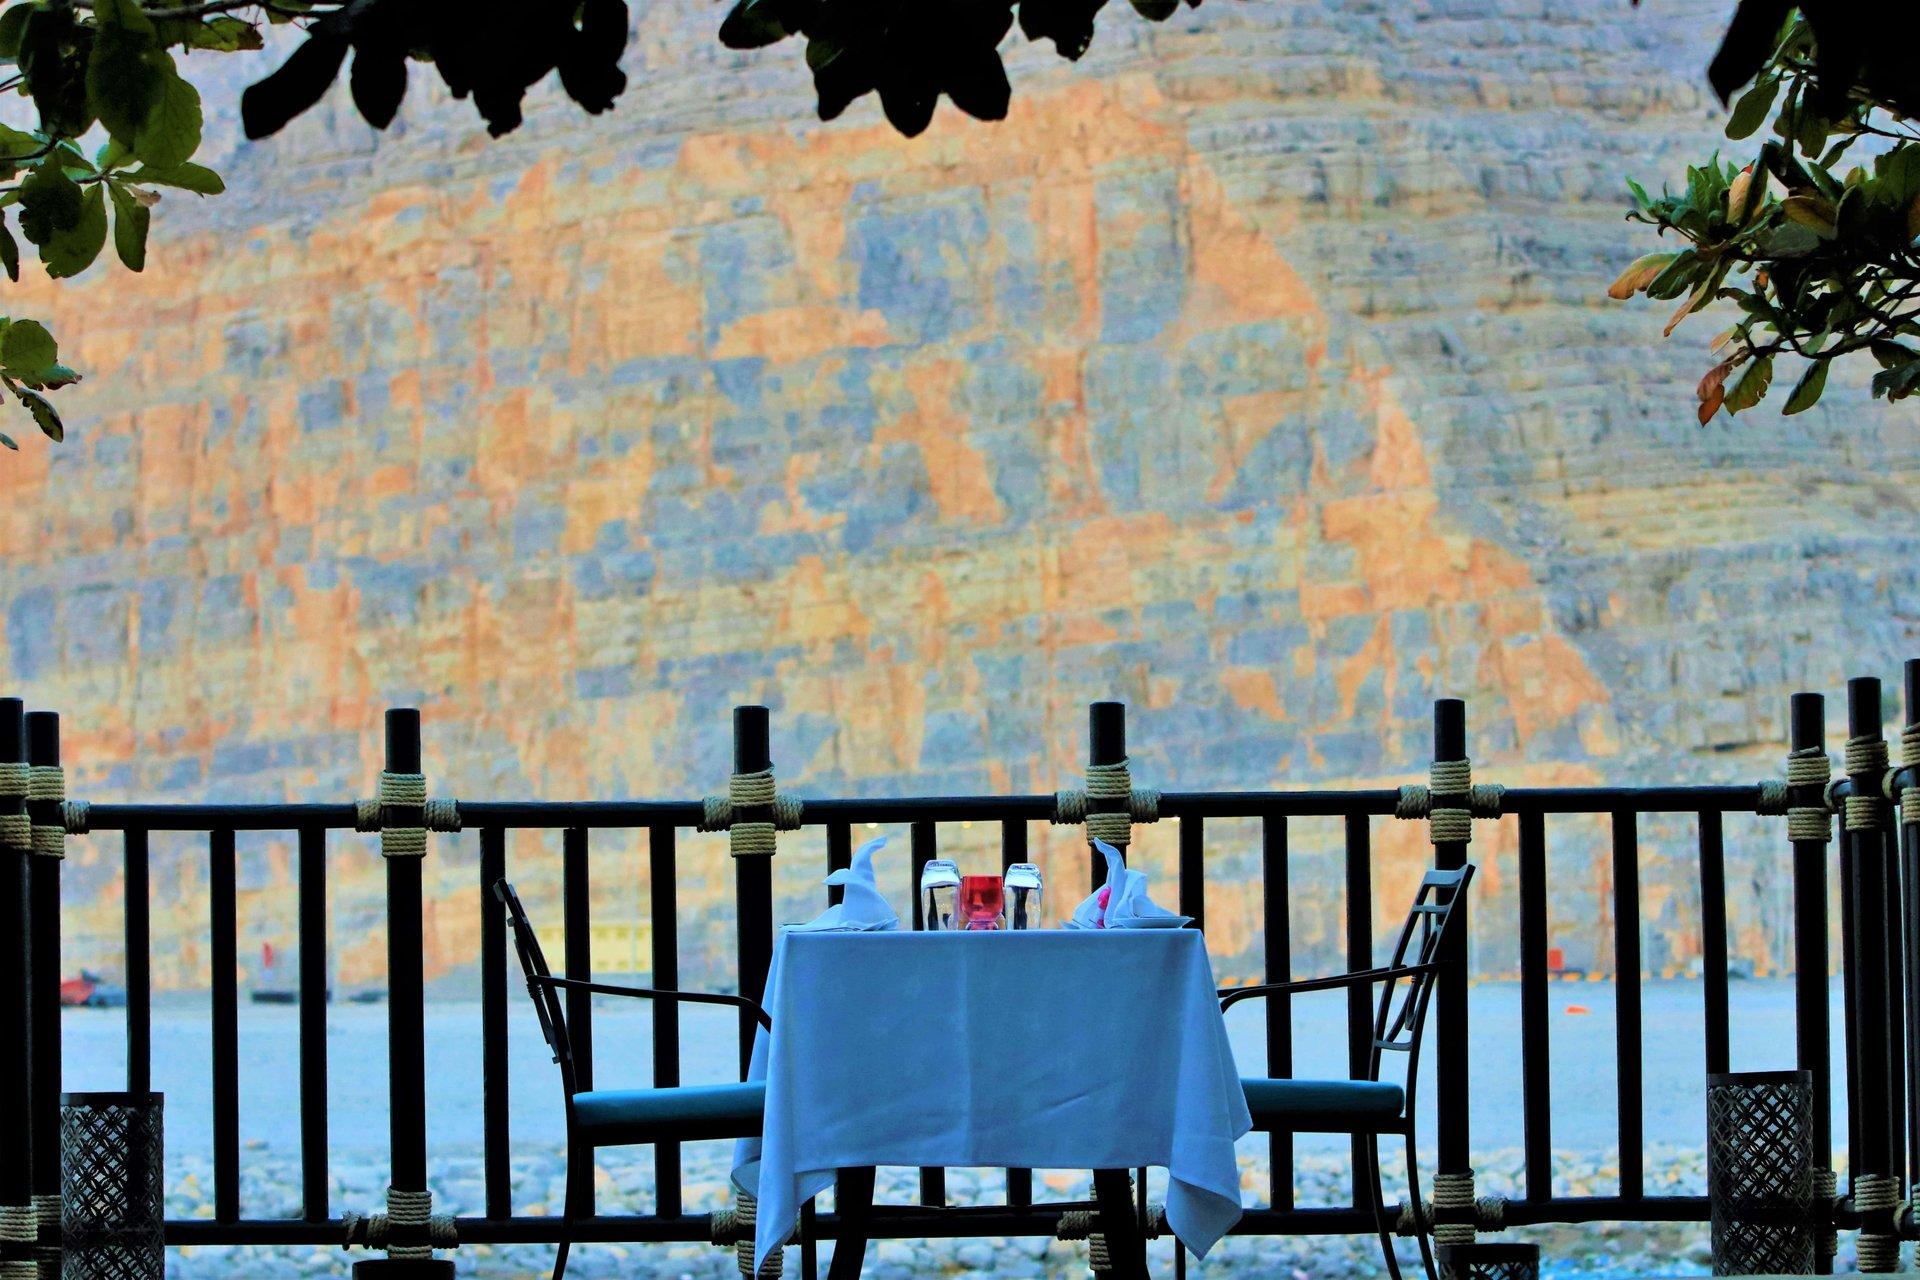 Hotel Atana Musandam terras - Khasab, Musandam